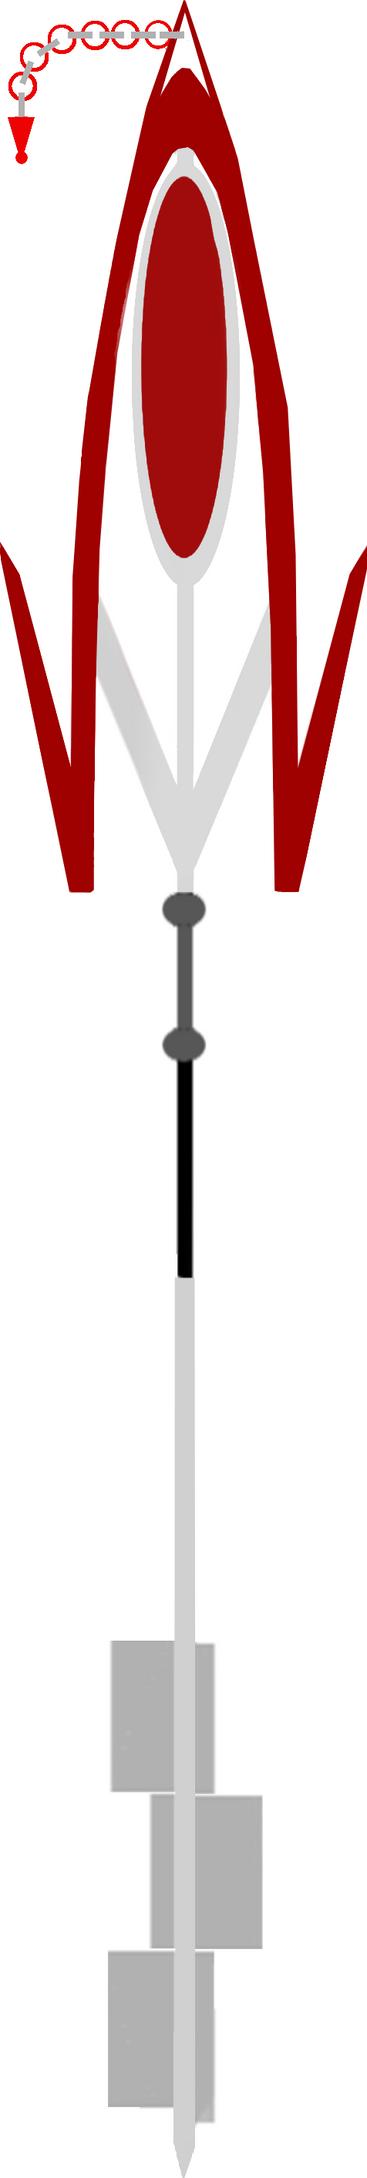 Nongenti Funera - Fanmade Key Blade by HYPERJOSEPH